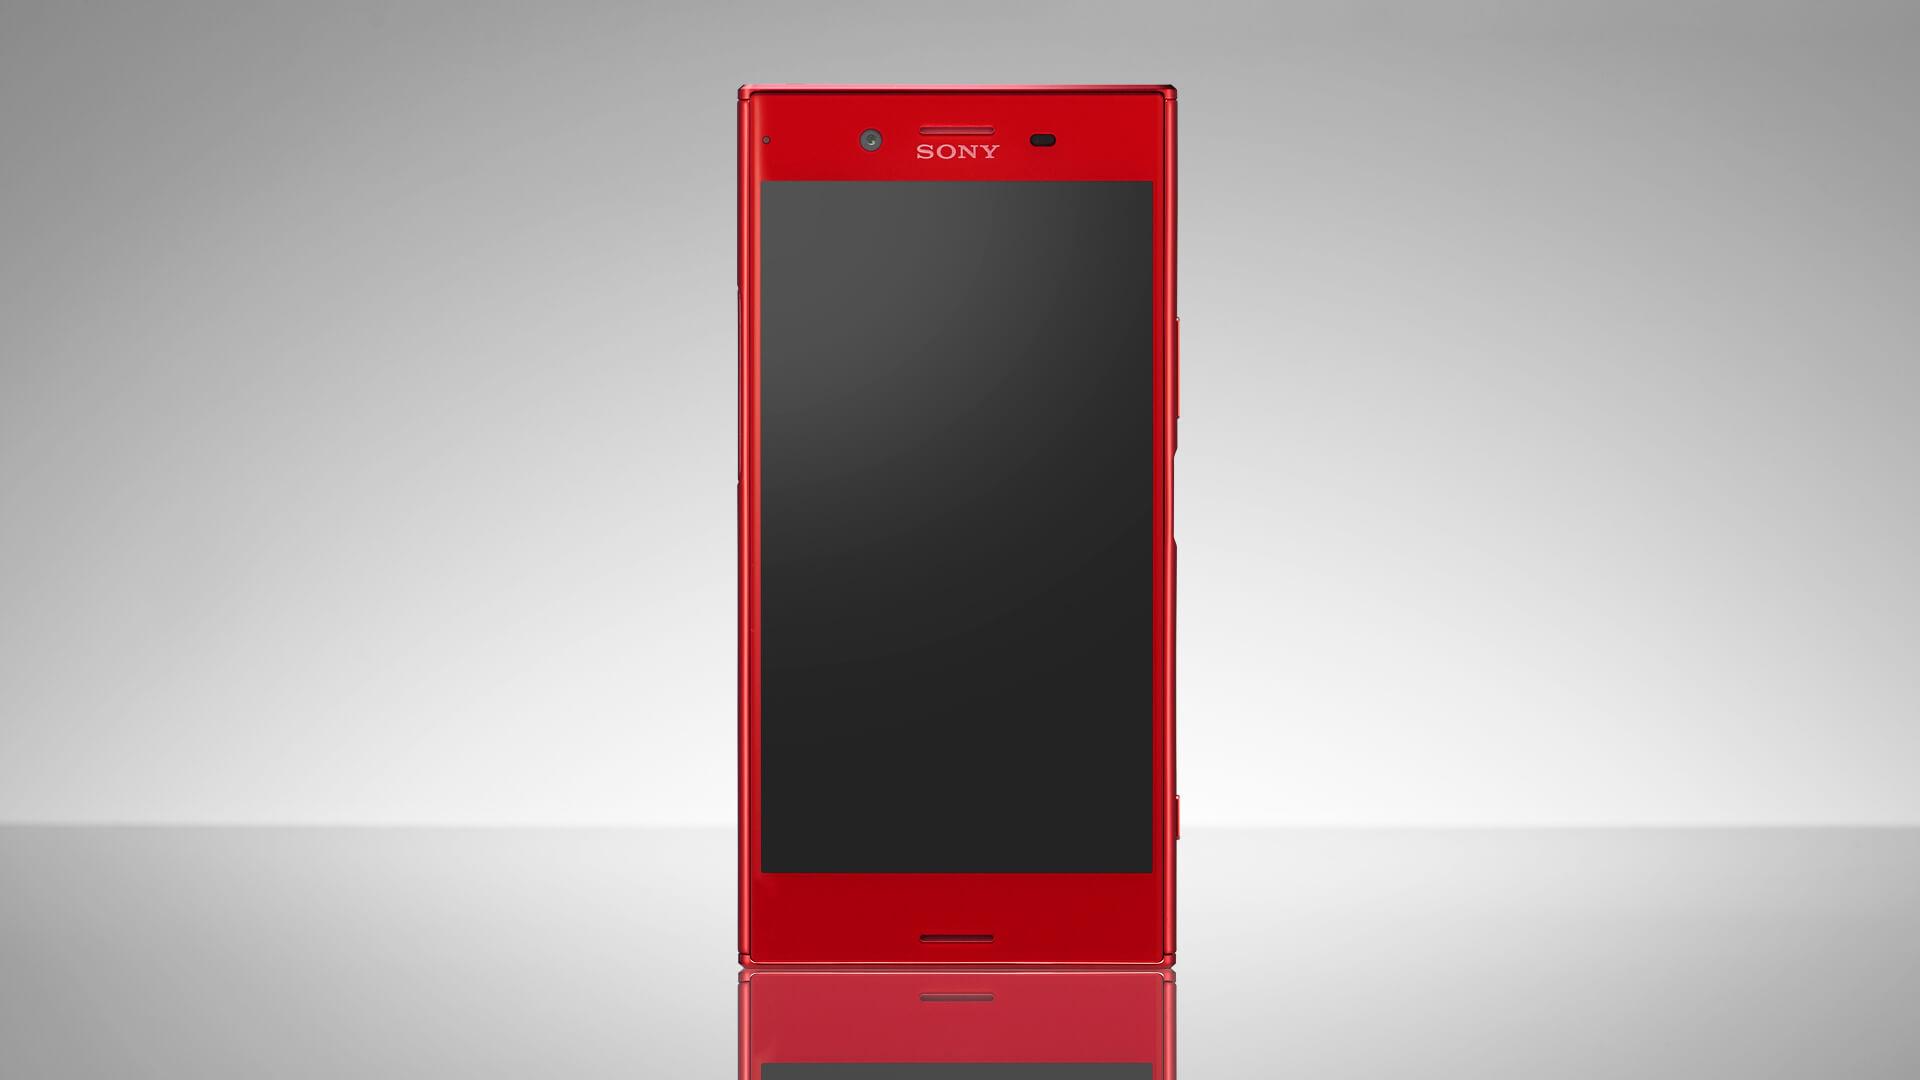 ドコモ、Xperia XZ Premiumの新色「Rosso」を発表!発売日は10月27日